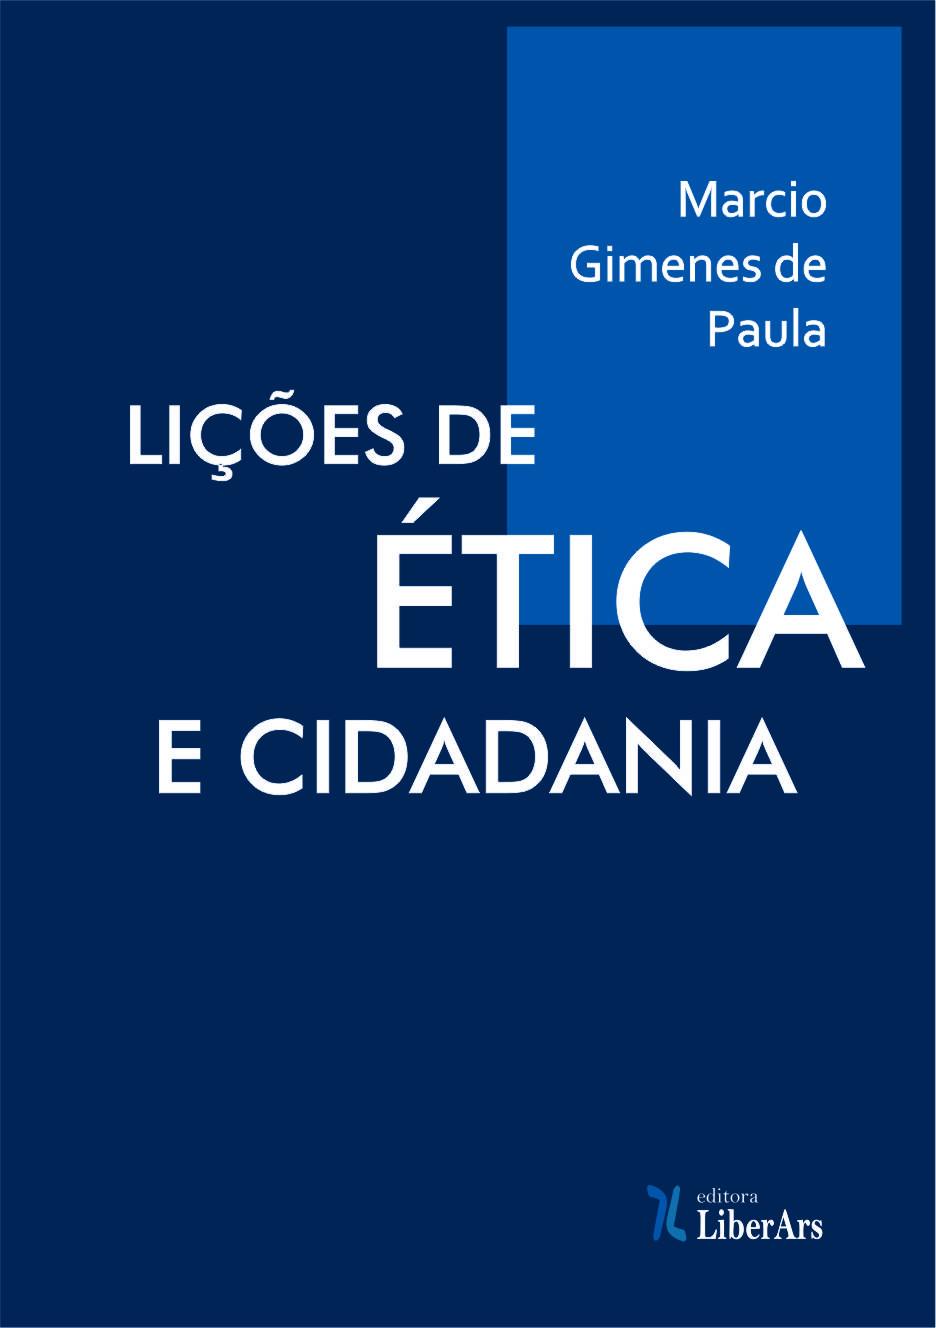 Lições de ética e cidadania, livro de Márcio Gimenes de Paula